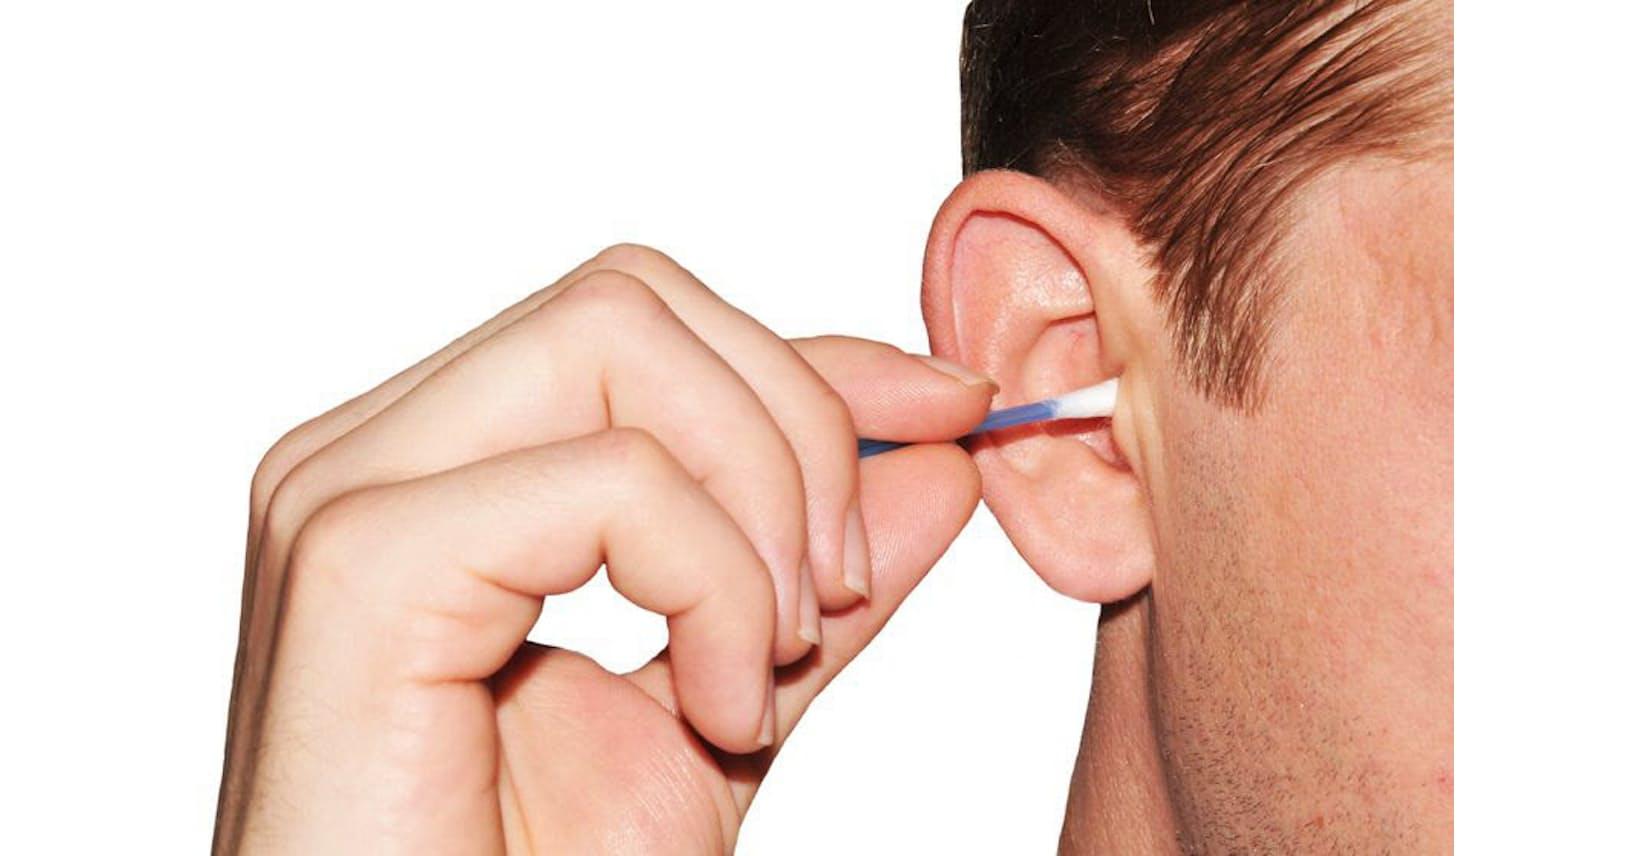 耳垢 栓塞 除去